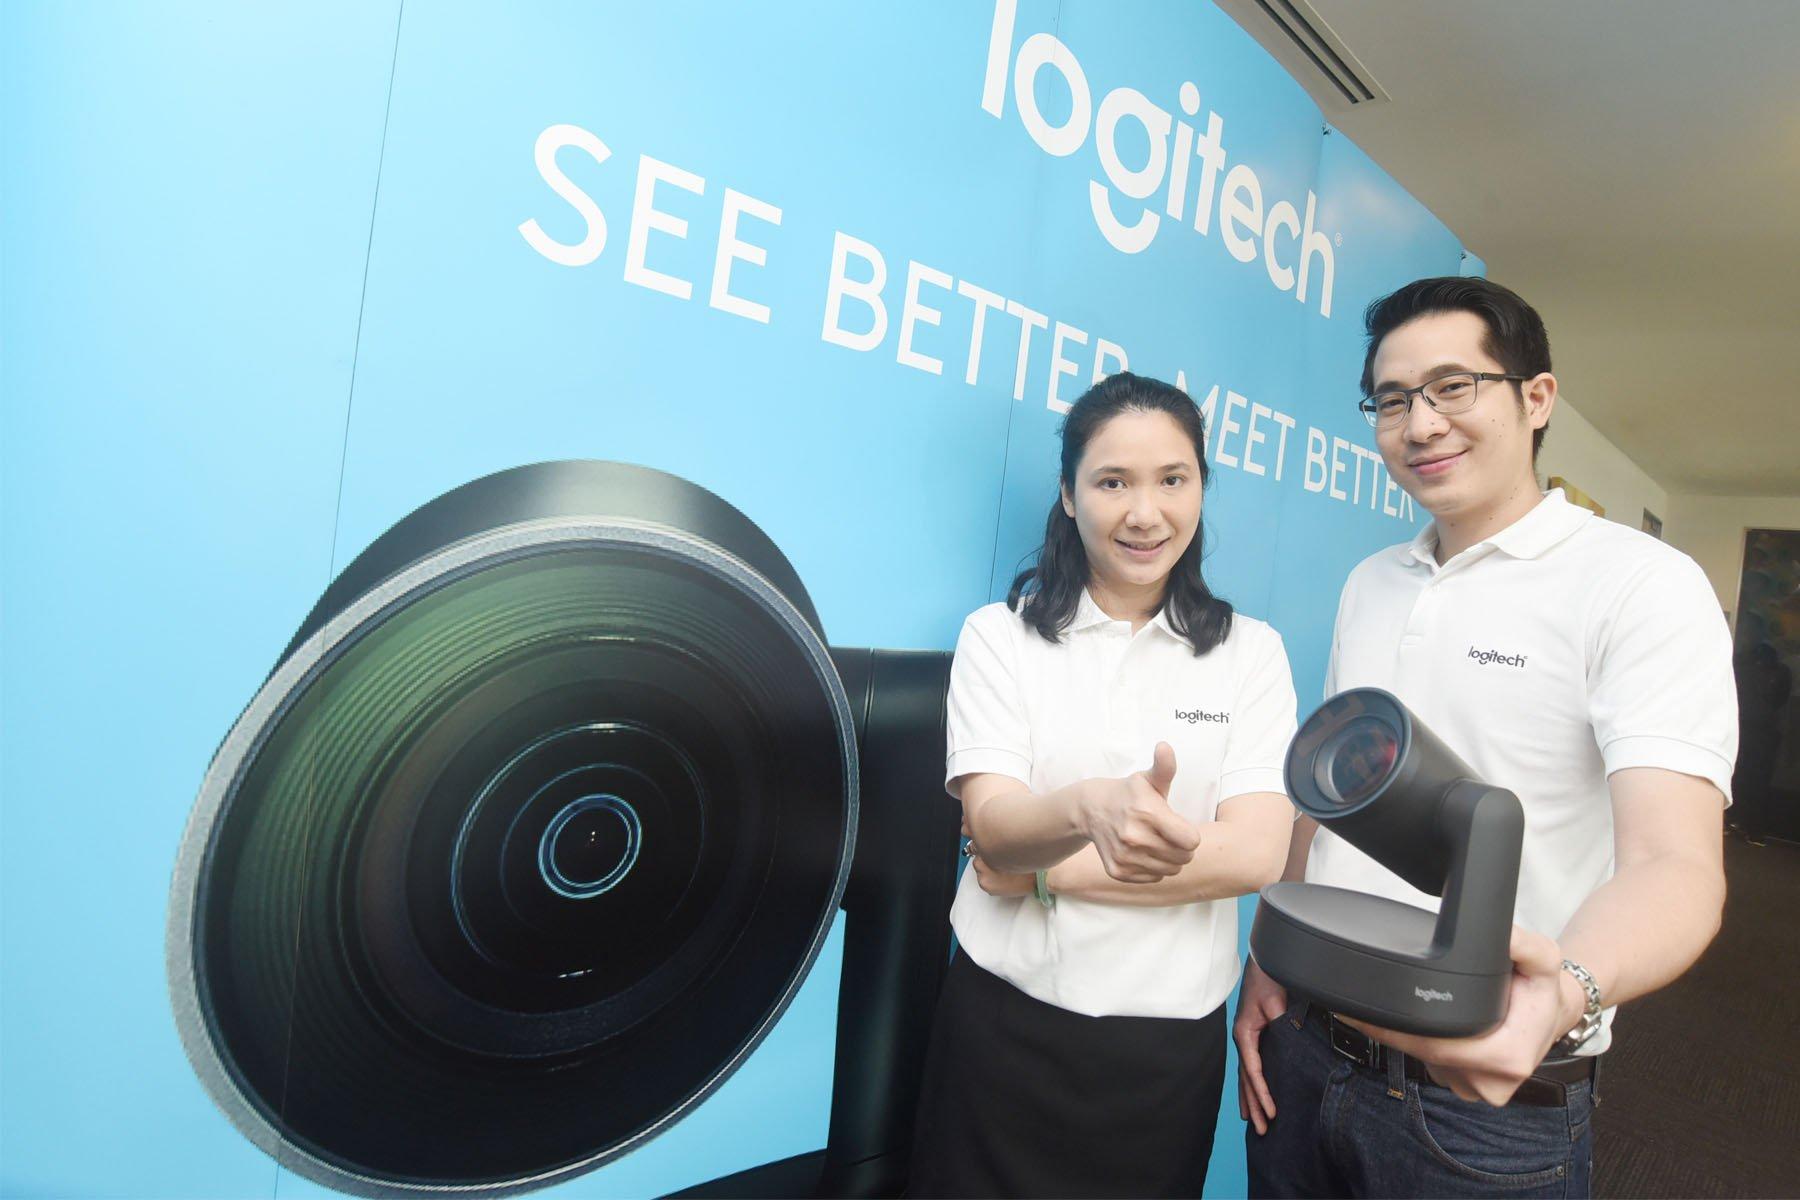 'โลจิเทค'เปิดตัว'Logitech Rally'กล้องวิดีโอคอนเฟอเรนซ์4Kระดับพรีเมี่ยม พลิกโฉมเทคโนโลยีสุดล้ำ ครั้งแรกในเมืองไทย ยกระดับมาตรฐานโซลูชั่นใหม่ ตอบโจทย์องค์กรธุรกิจทุกประเภทในราคาจับต้องได้ 13 -